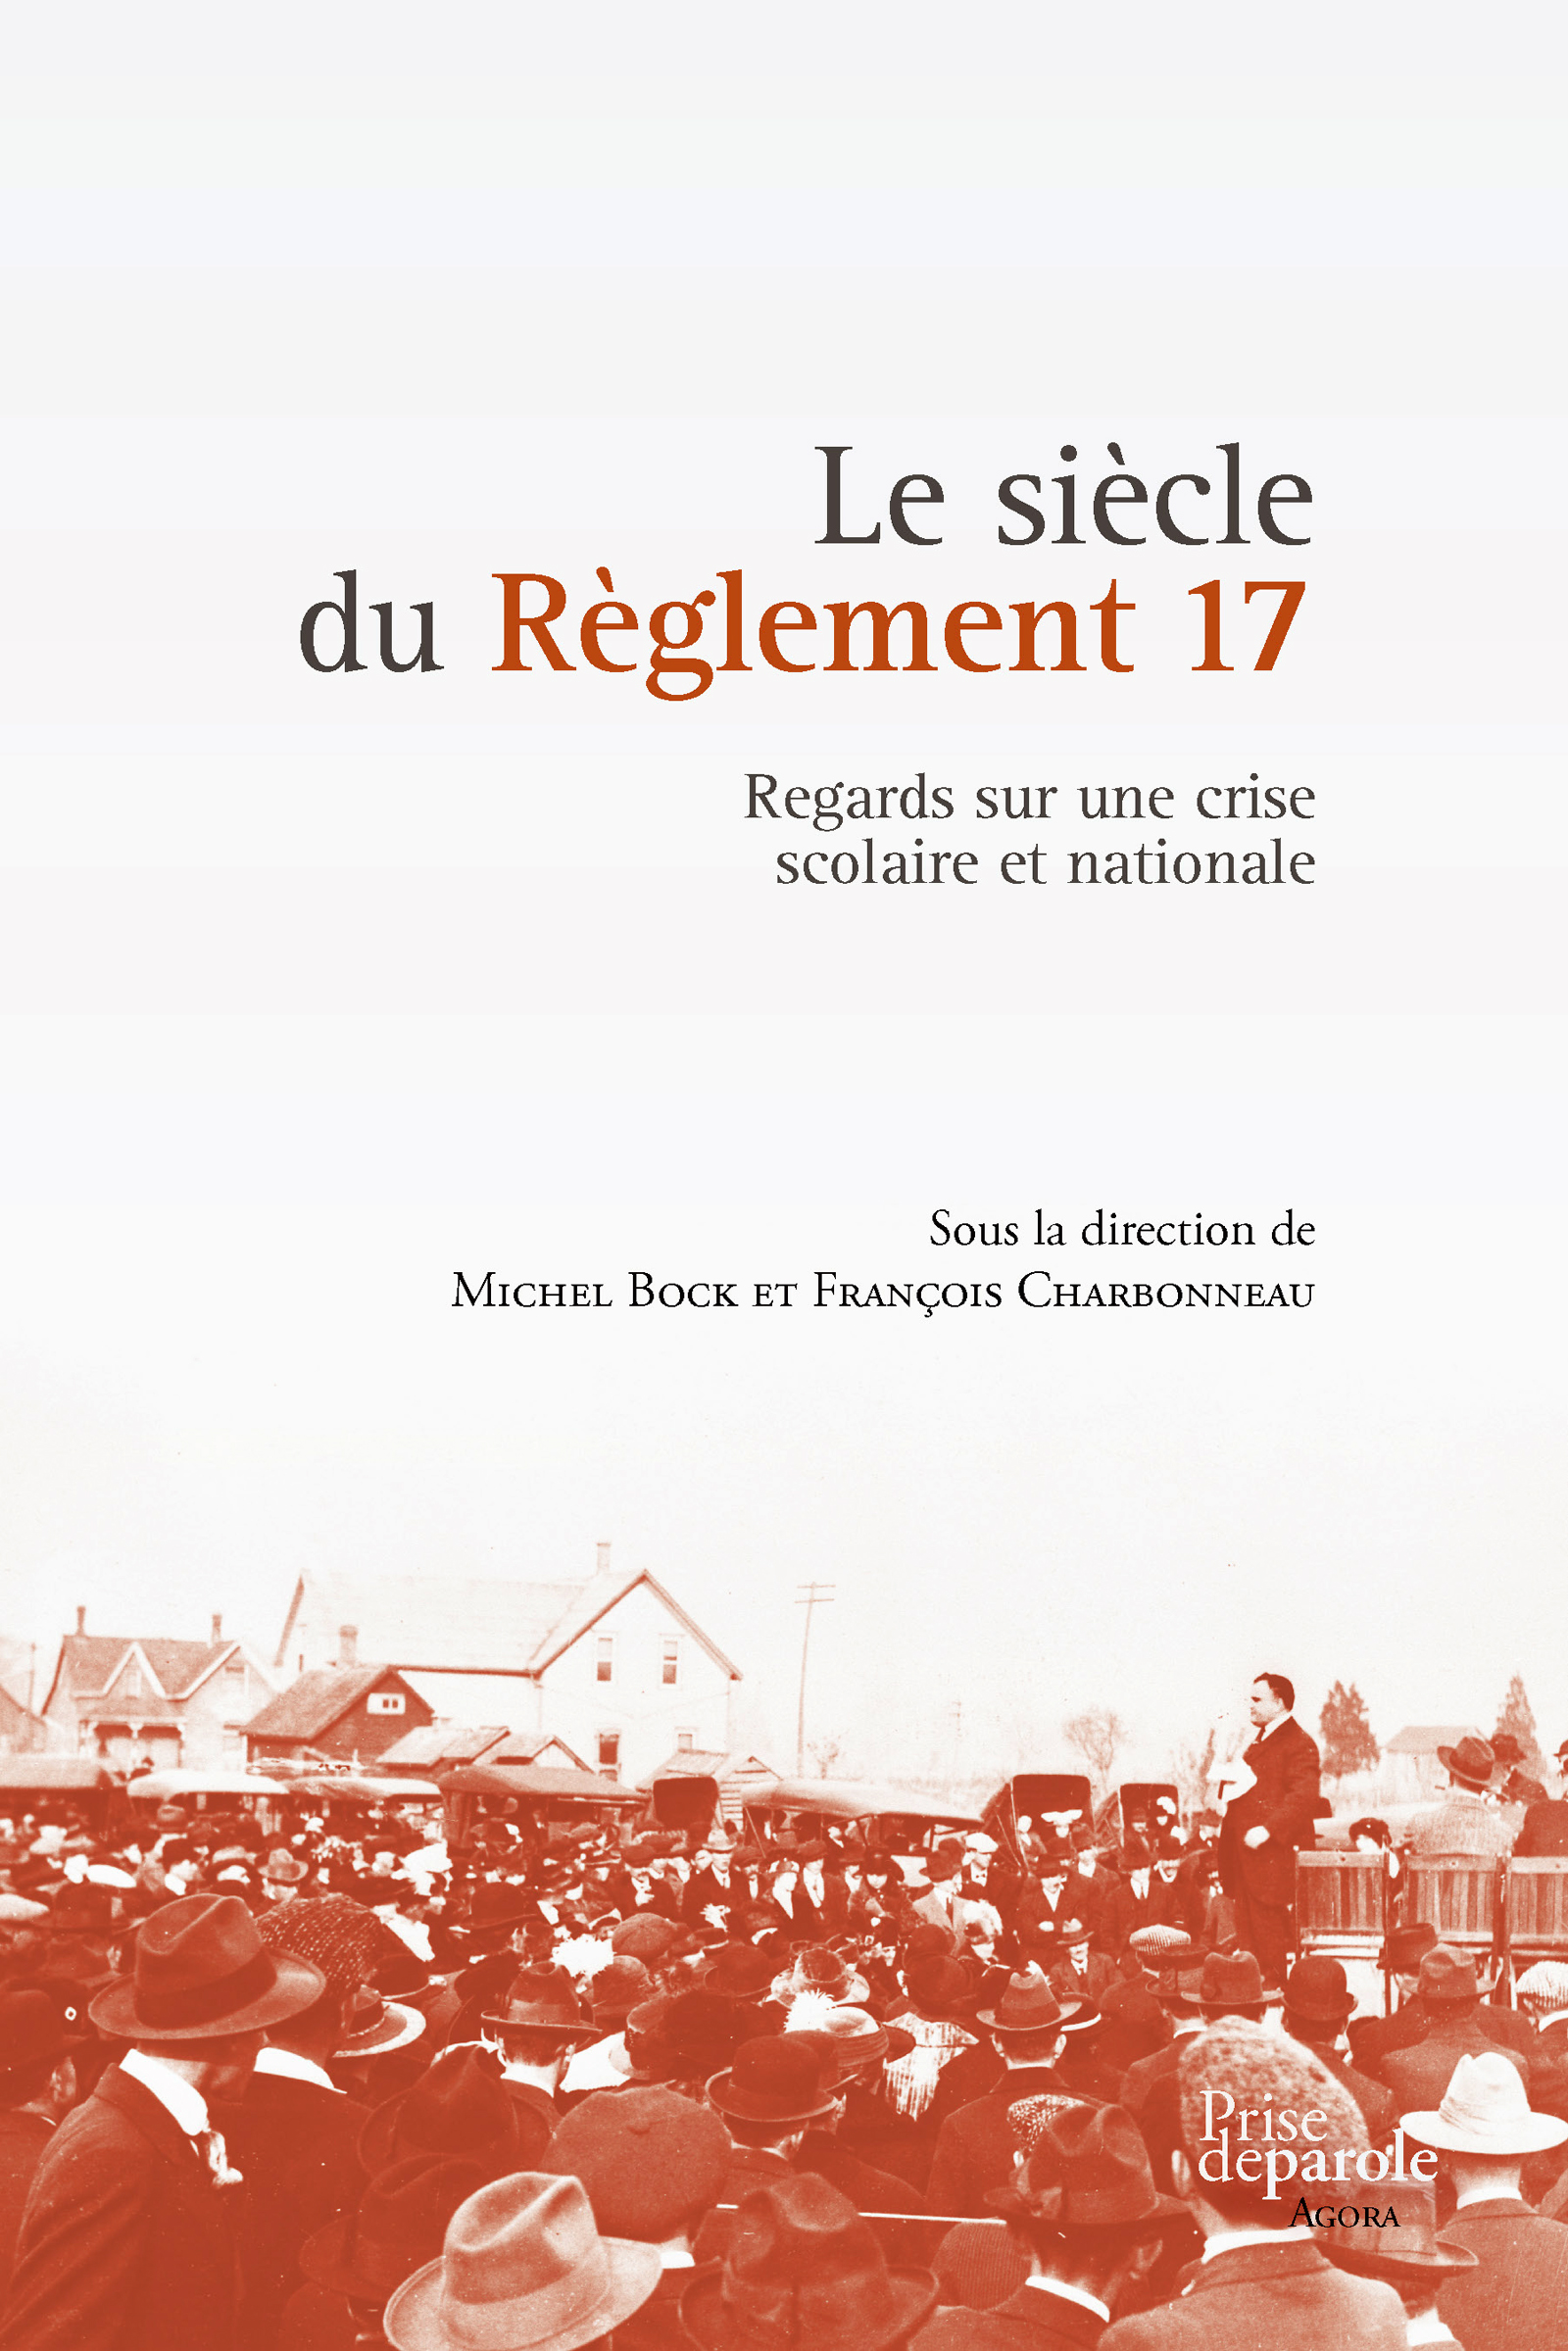 Couverture : Le siècle du Règlement 17 Michel Bock